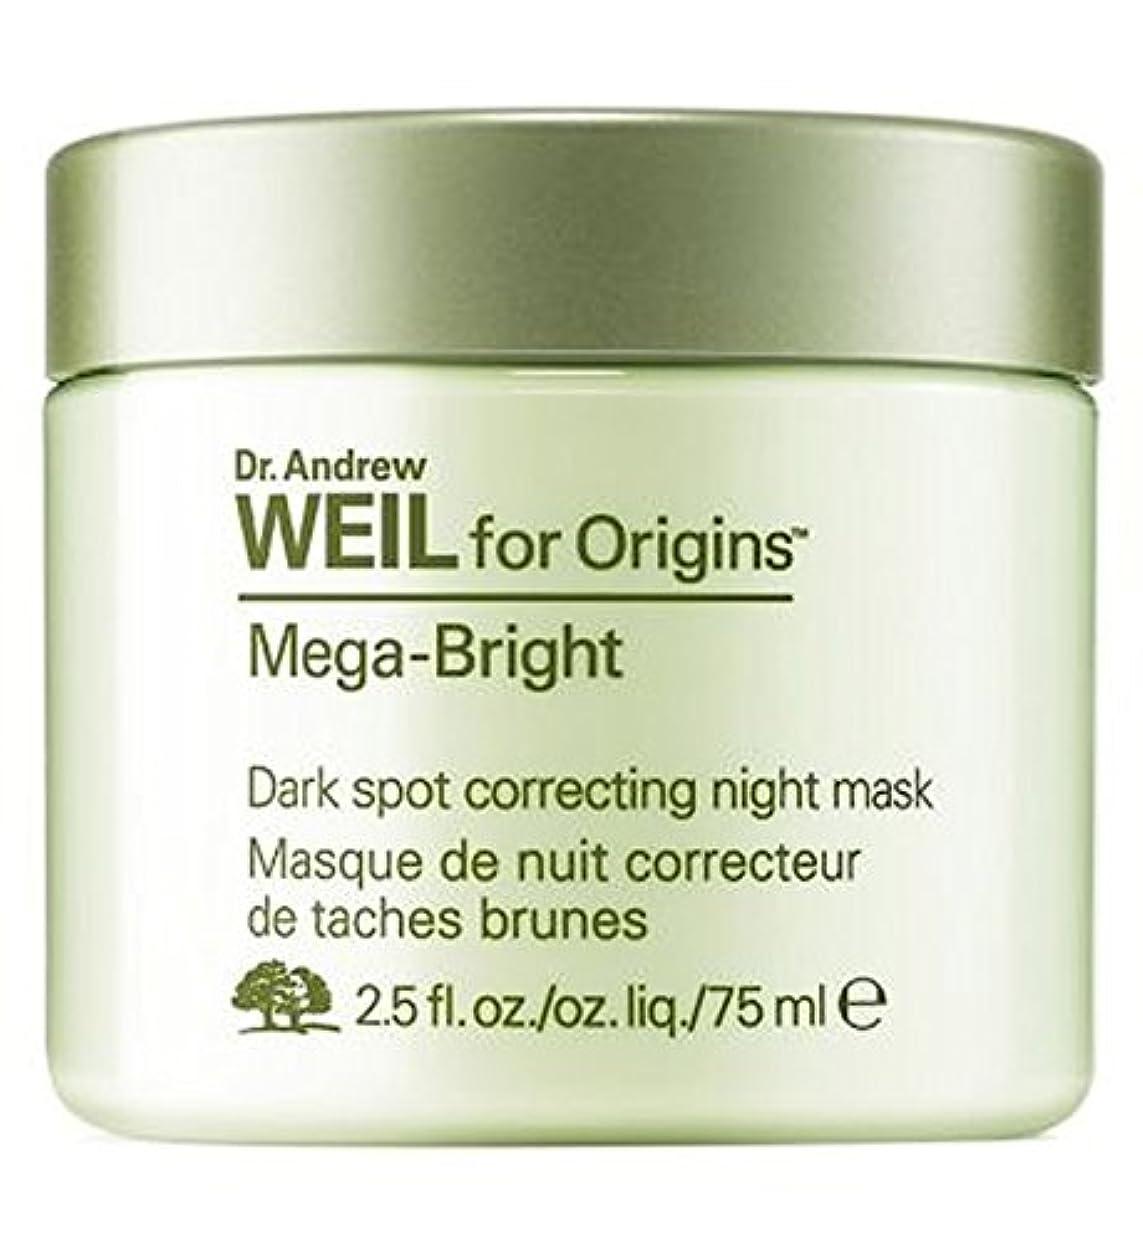 指定する感情のうっかりOrigins Dr Andrew Weil for Origins Mega Bright Skin tone correcting night mask 75ml - 起源博士アンドルー?ワイル起源メガ明るい肌色補正ナイトマスク75ミリリットルのために (Origins) [並行輸入品]